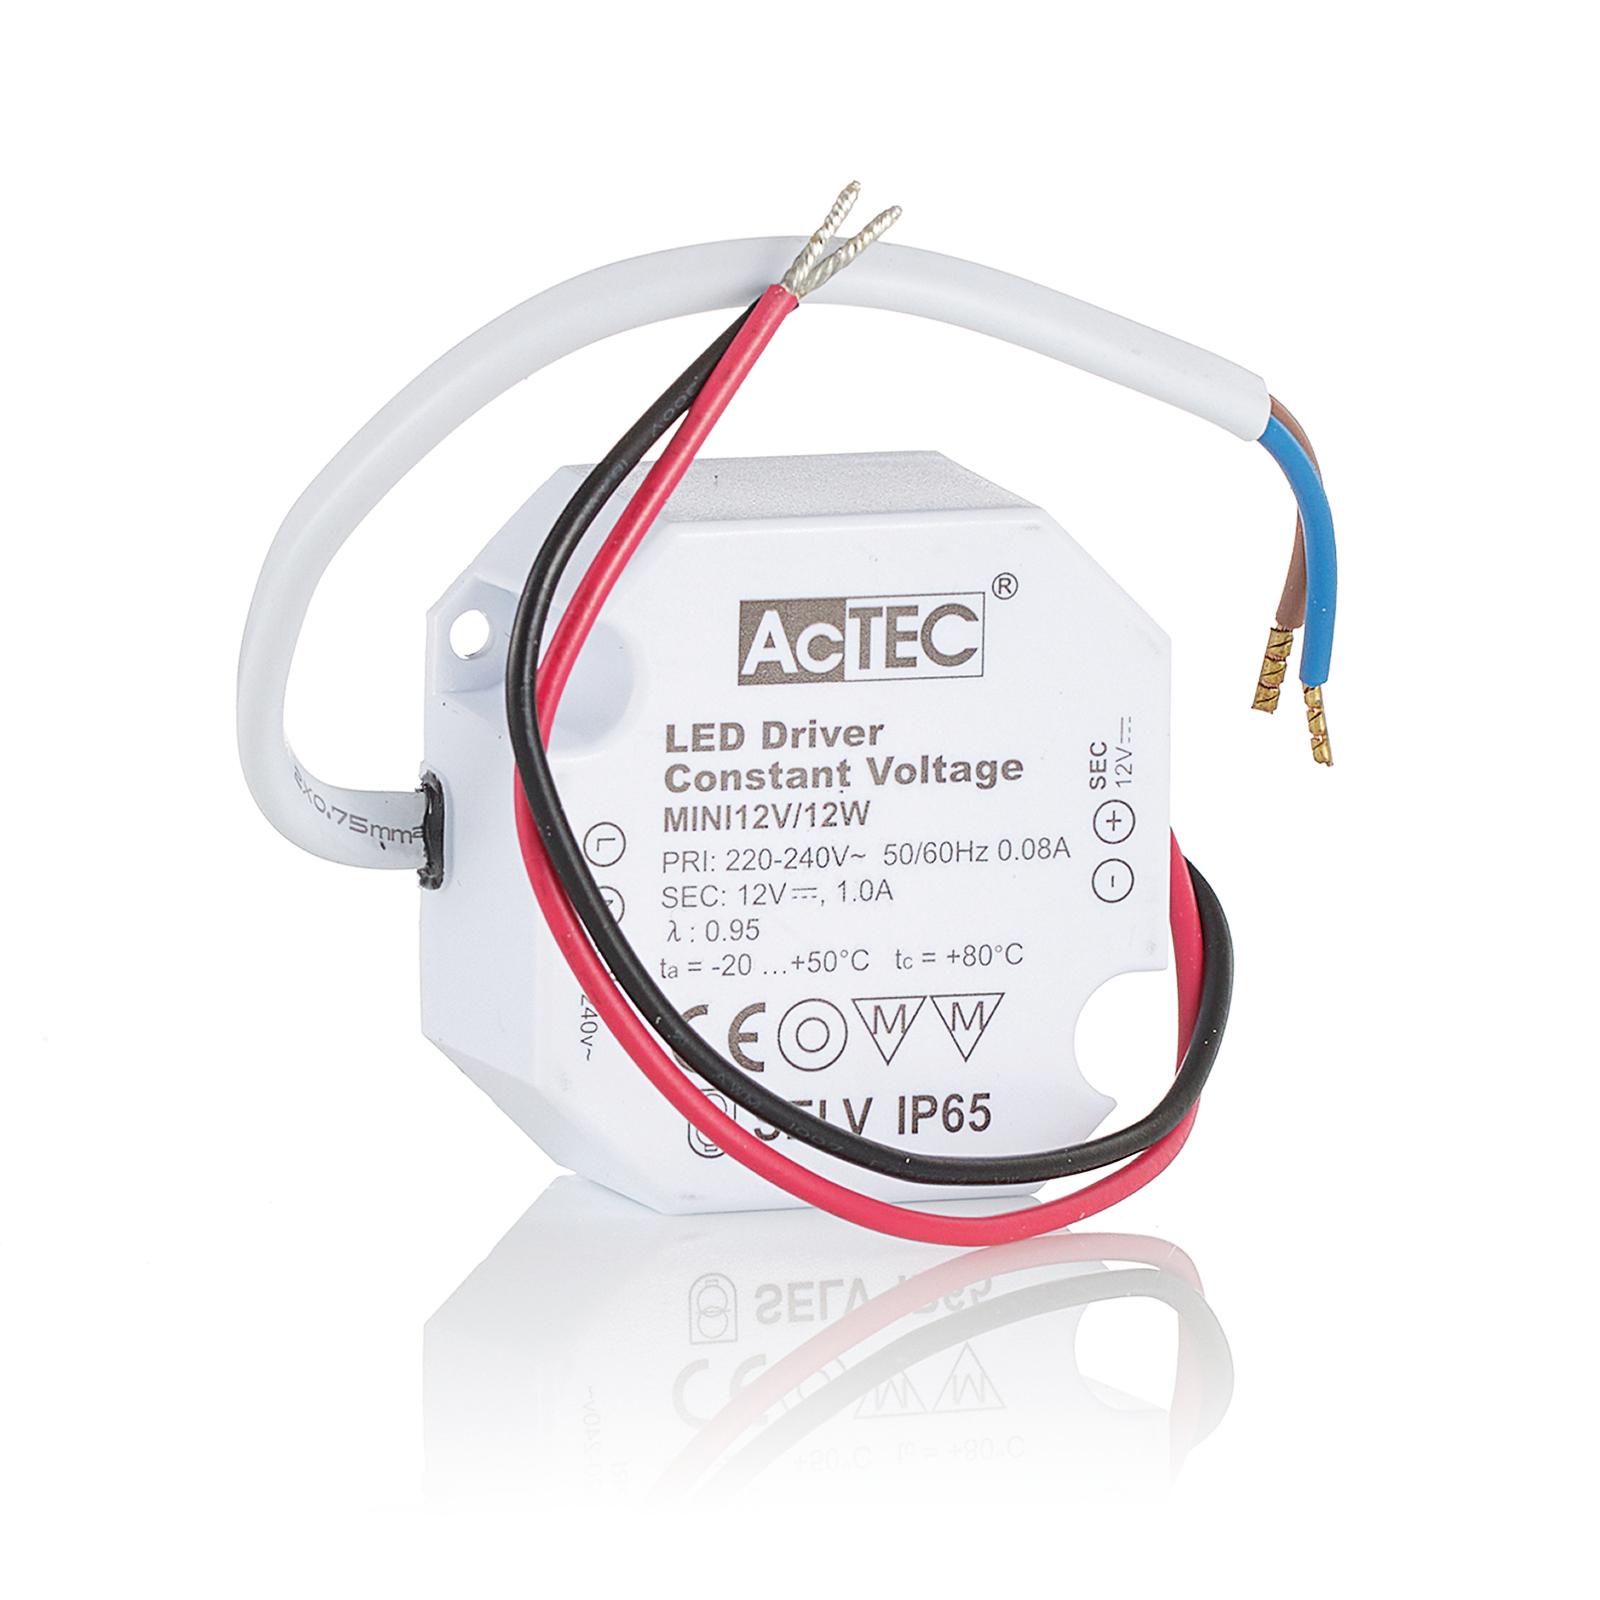 AcTEC Mini LED-driver CV 12 V, 12 W, IP65